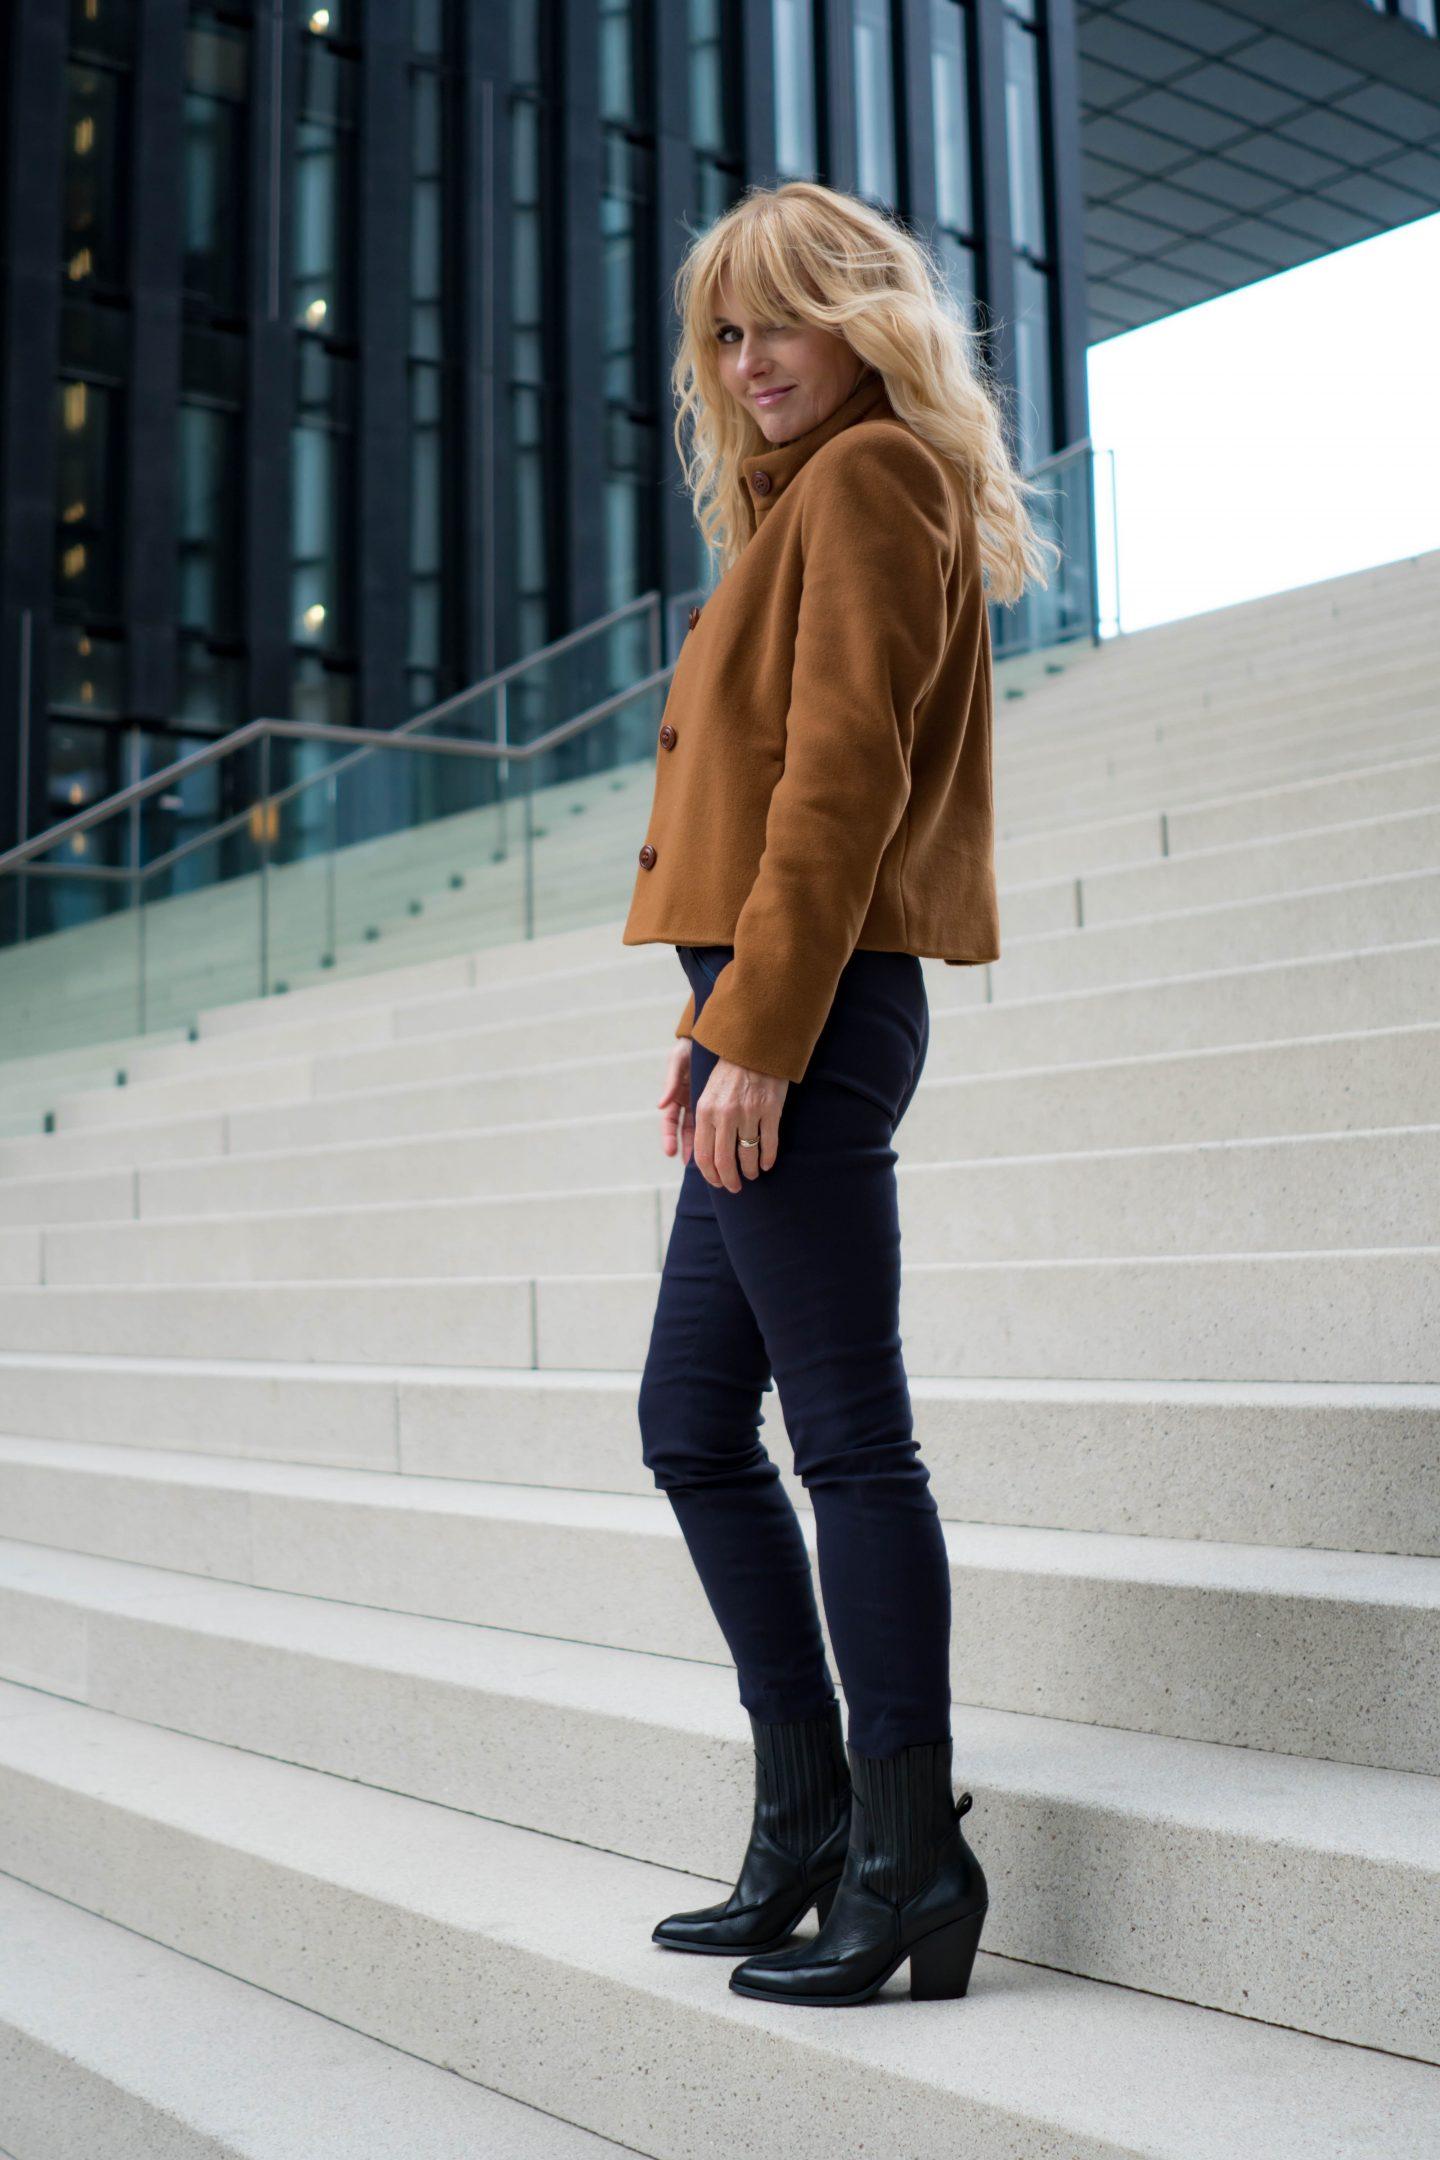 Jacke von Uta Raasch - Bequeme Schlupfhose - Nowshine Modeblog ü40 - Bequemer und modischer Herbstlook 2019 in Marine und Cognac - Cowboystiefel